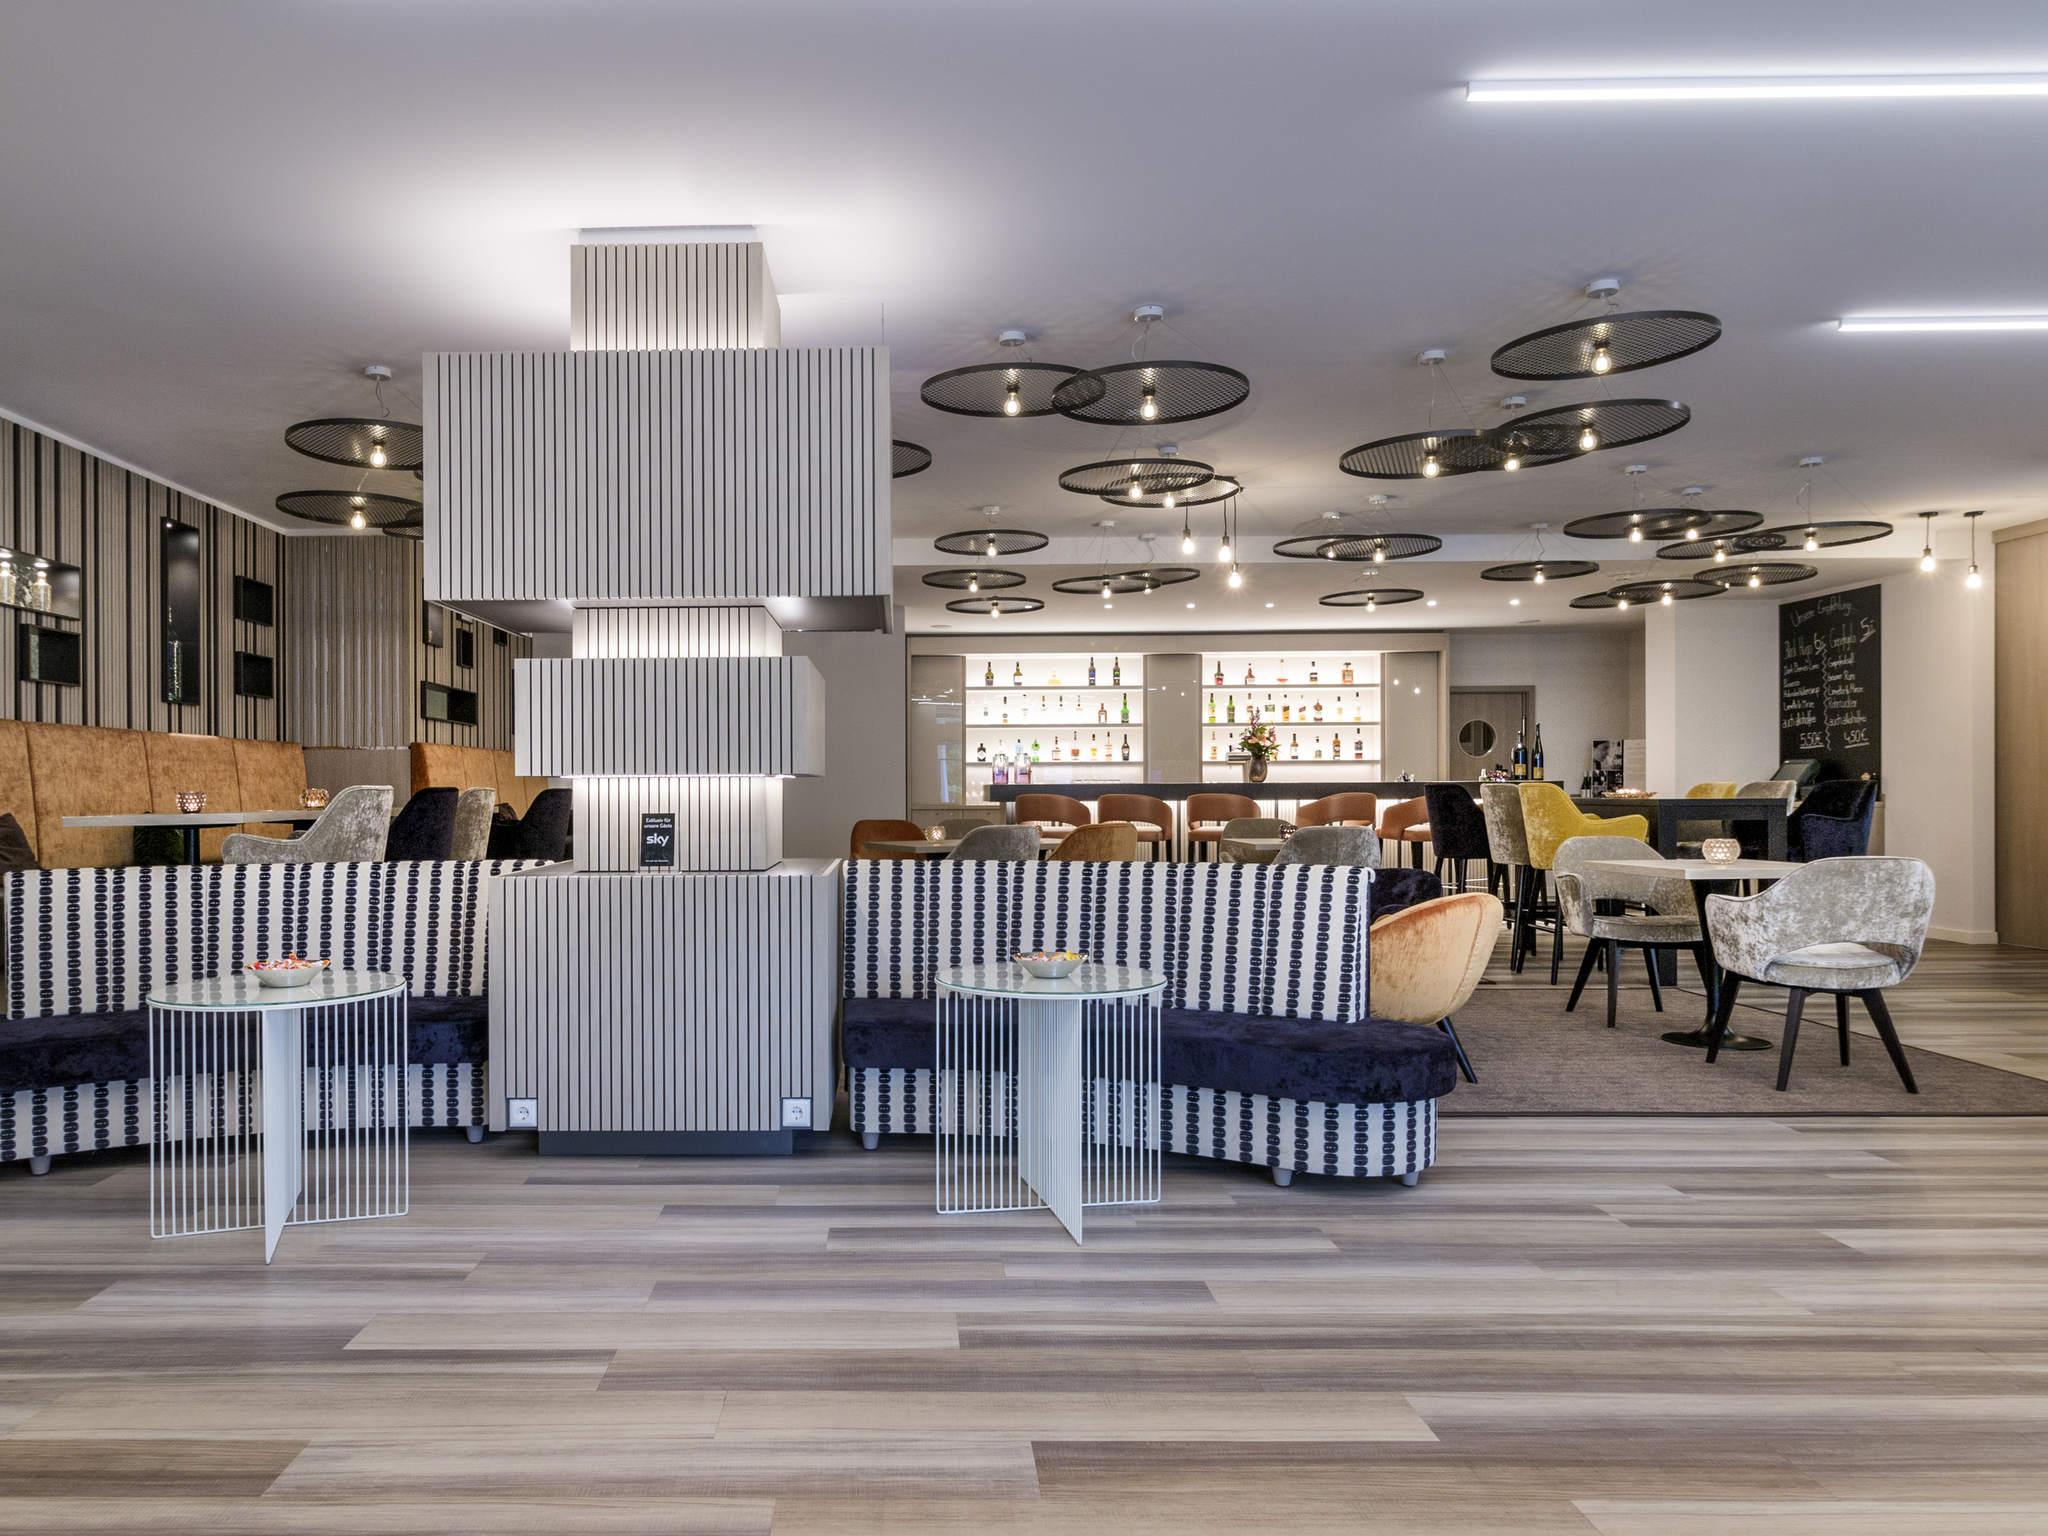 โรงแรม – Mercure Hotel Hannover Oldenburger Allee